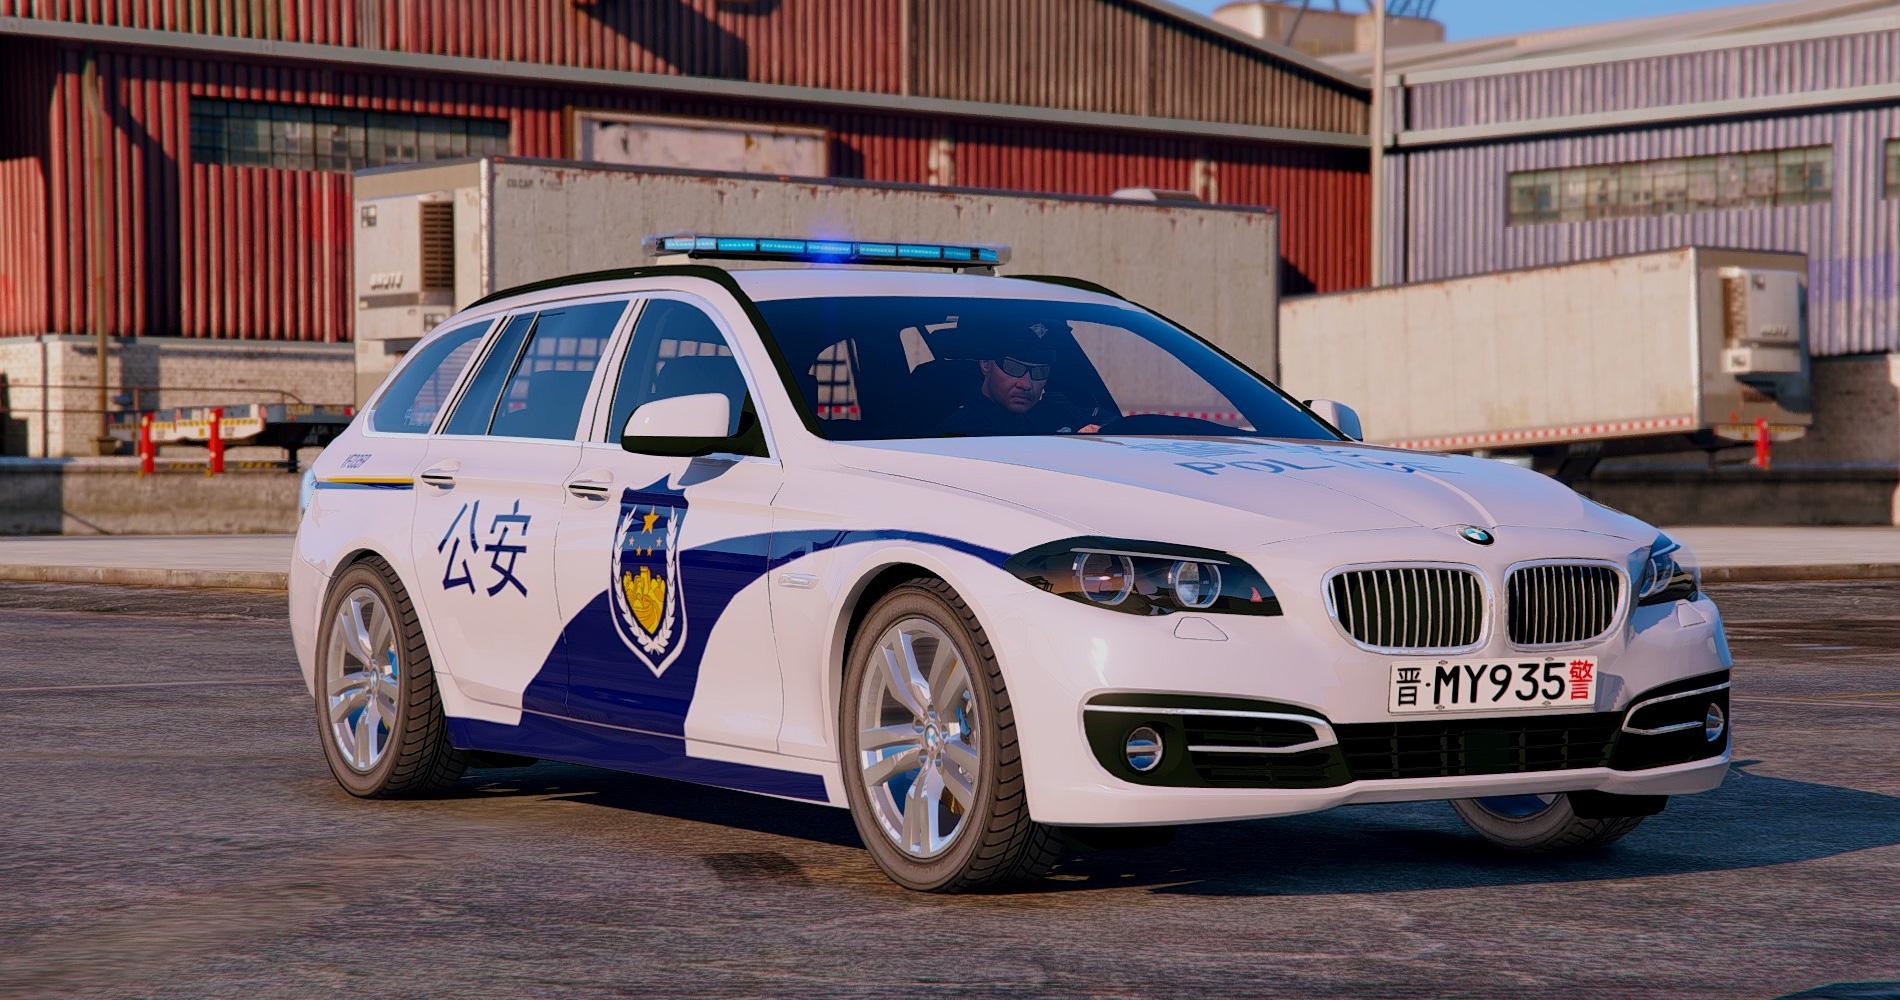 les voitures de police reconna tront les visages des passants en chine politique numerama. Black Bedroom Furniture Sets. Home Design Ideas